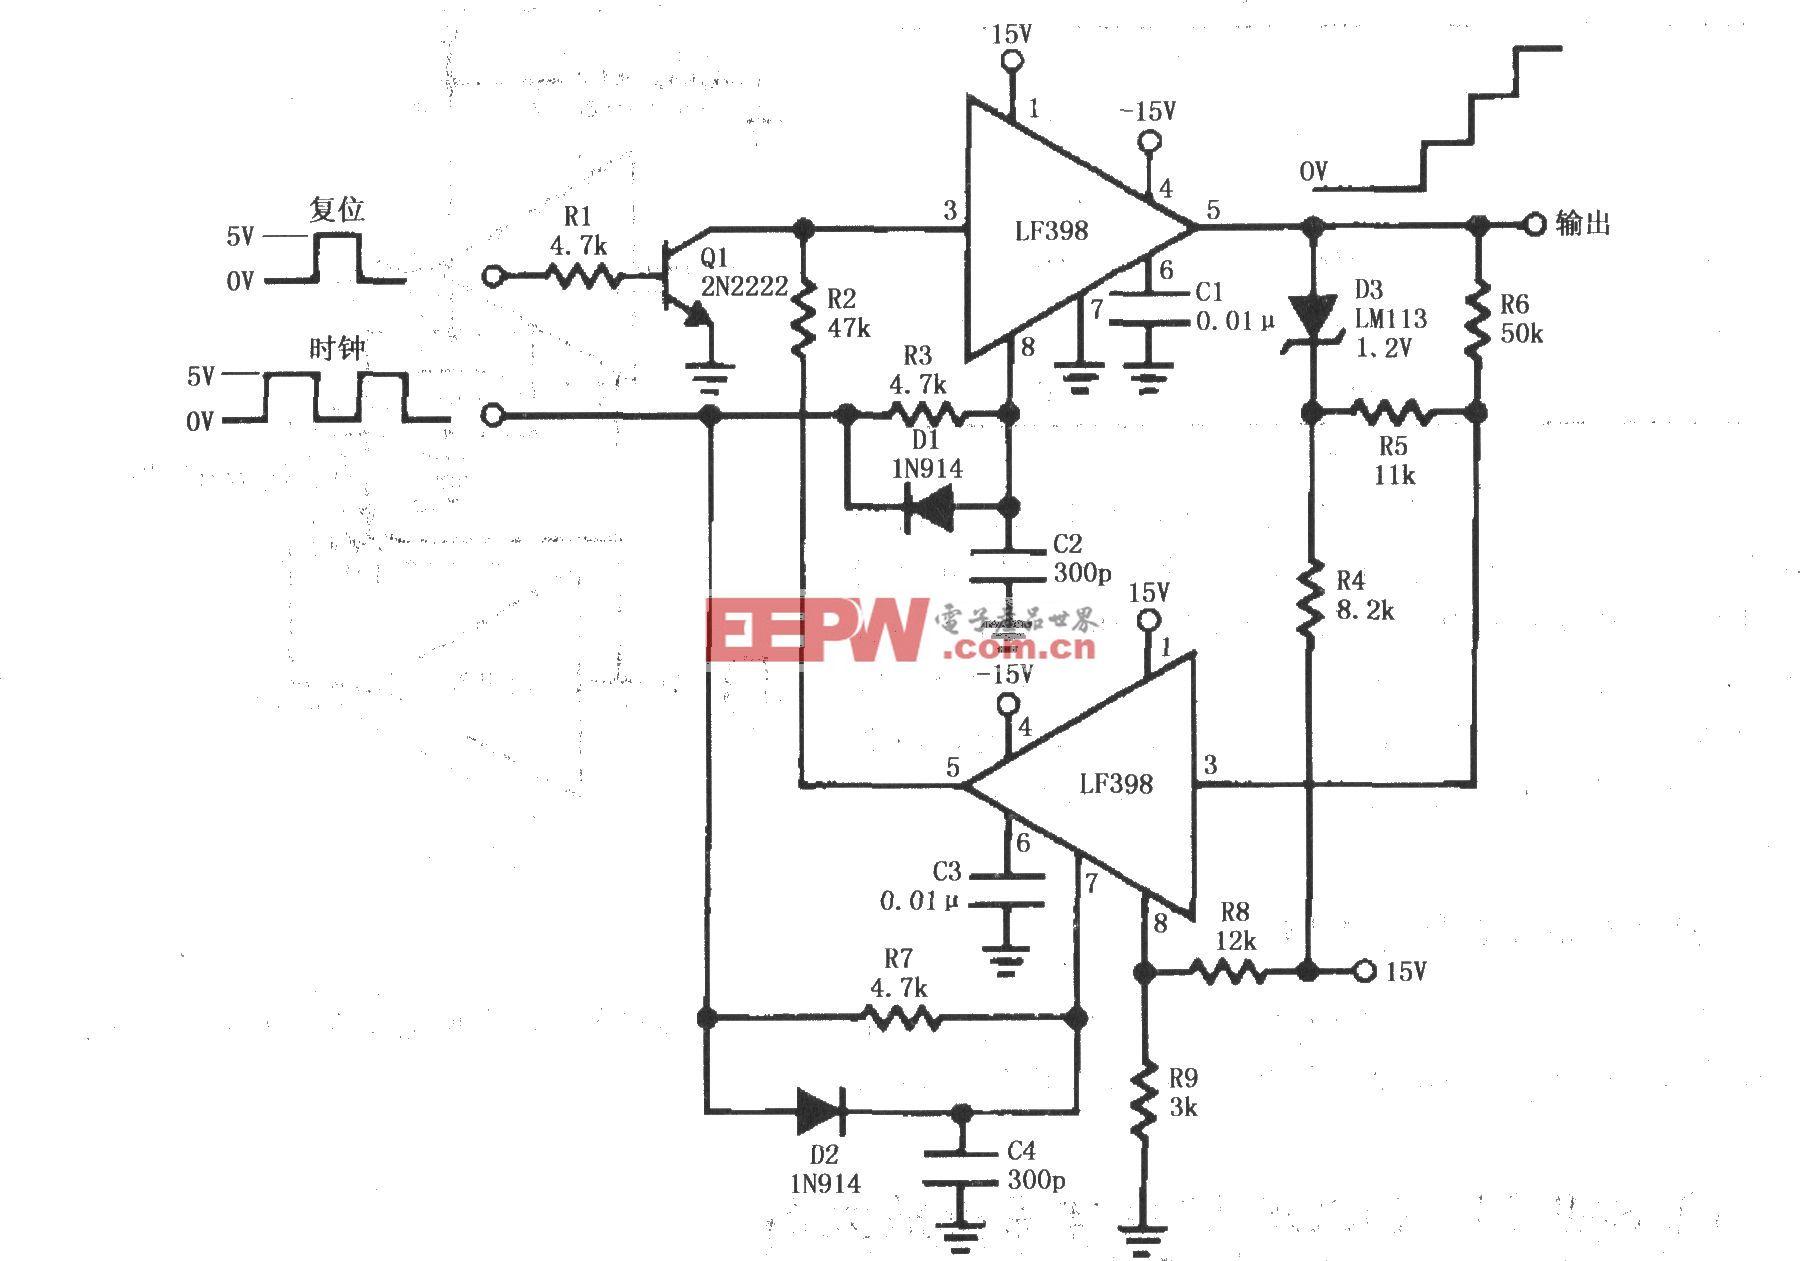 两个采样保持放大器LF398构成的阶梯波发生电路